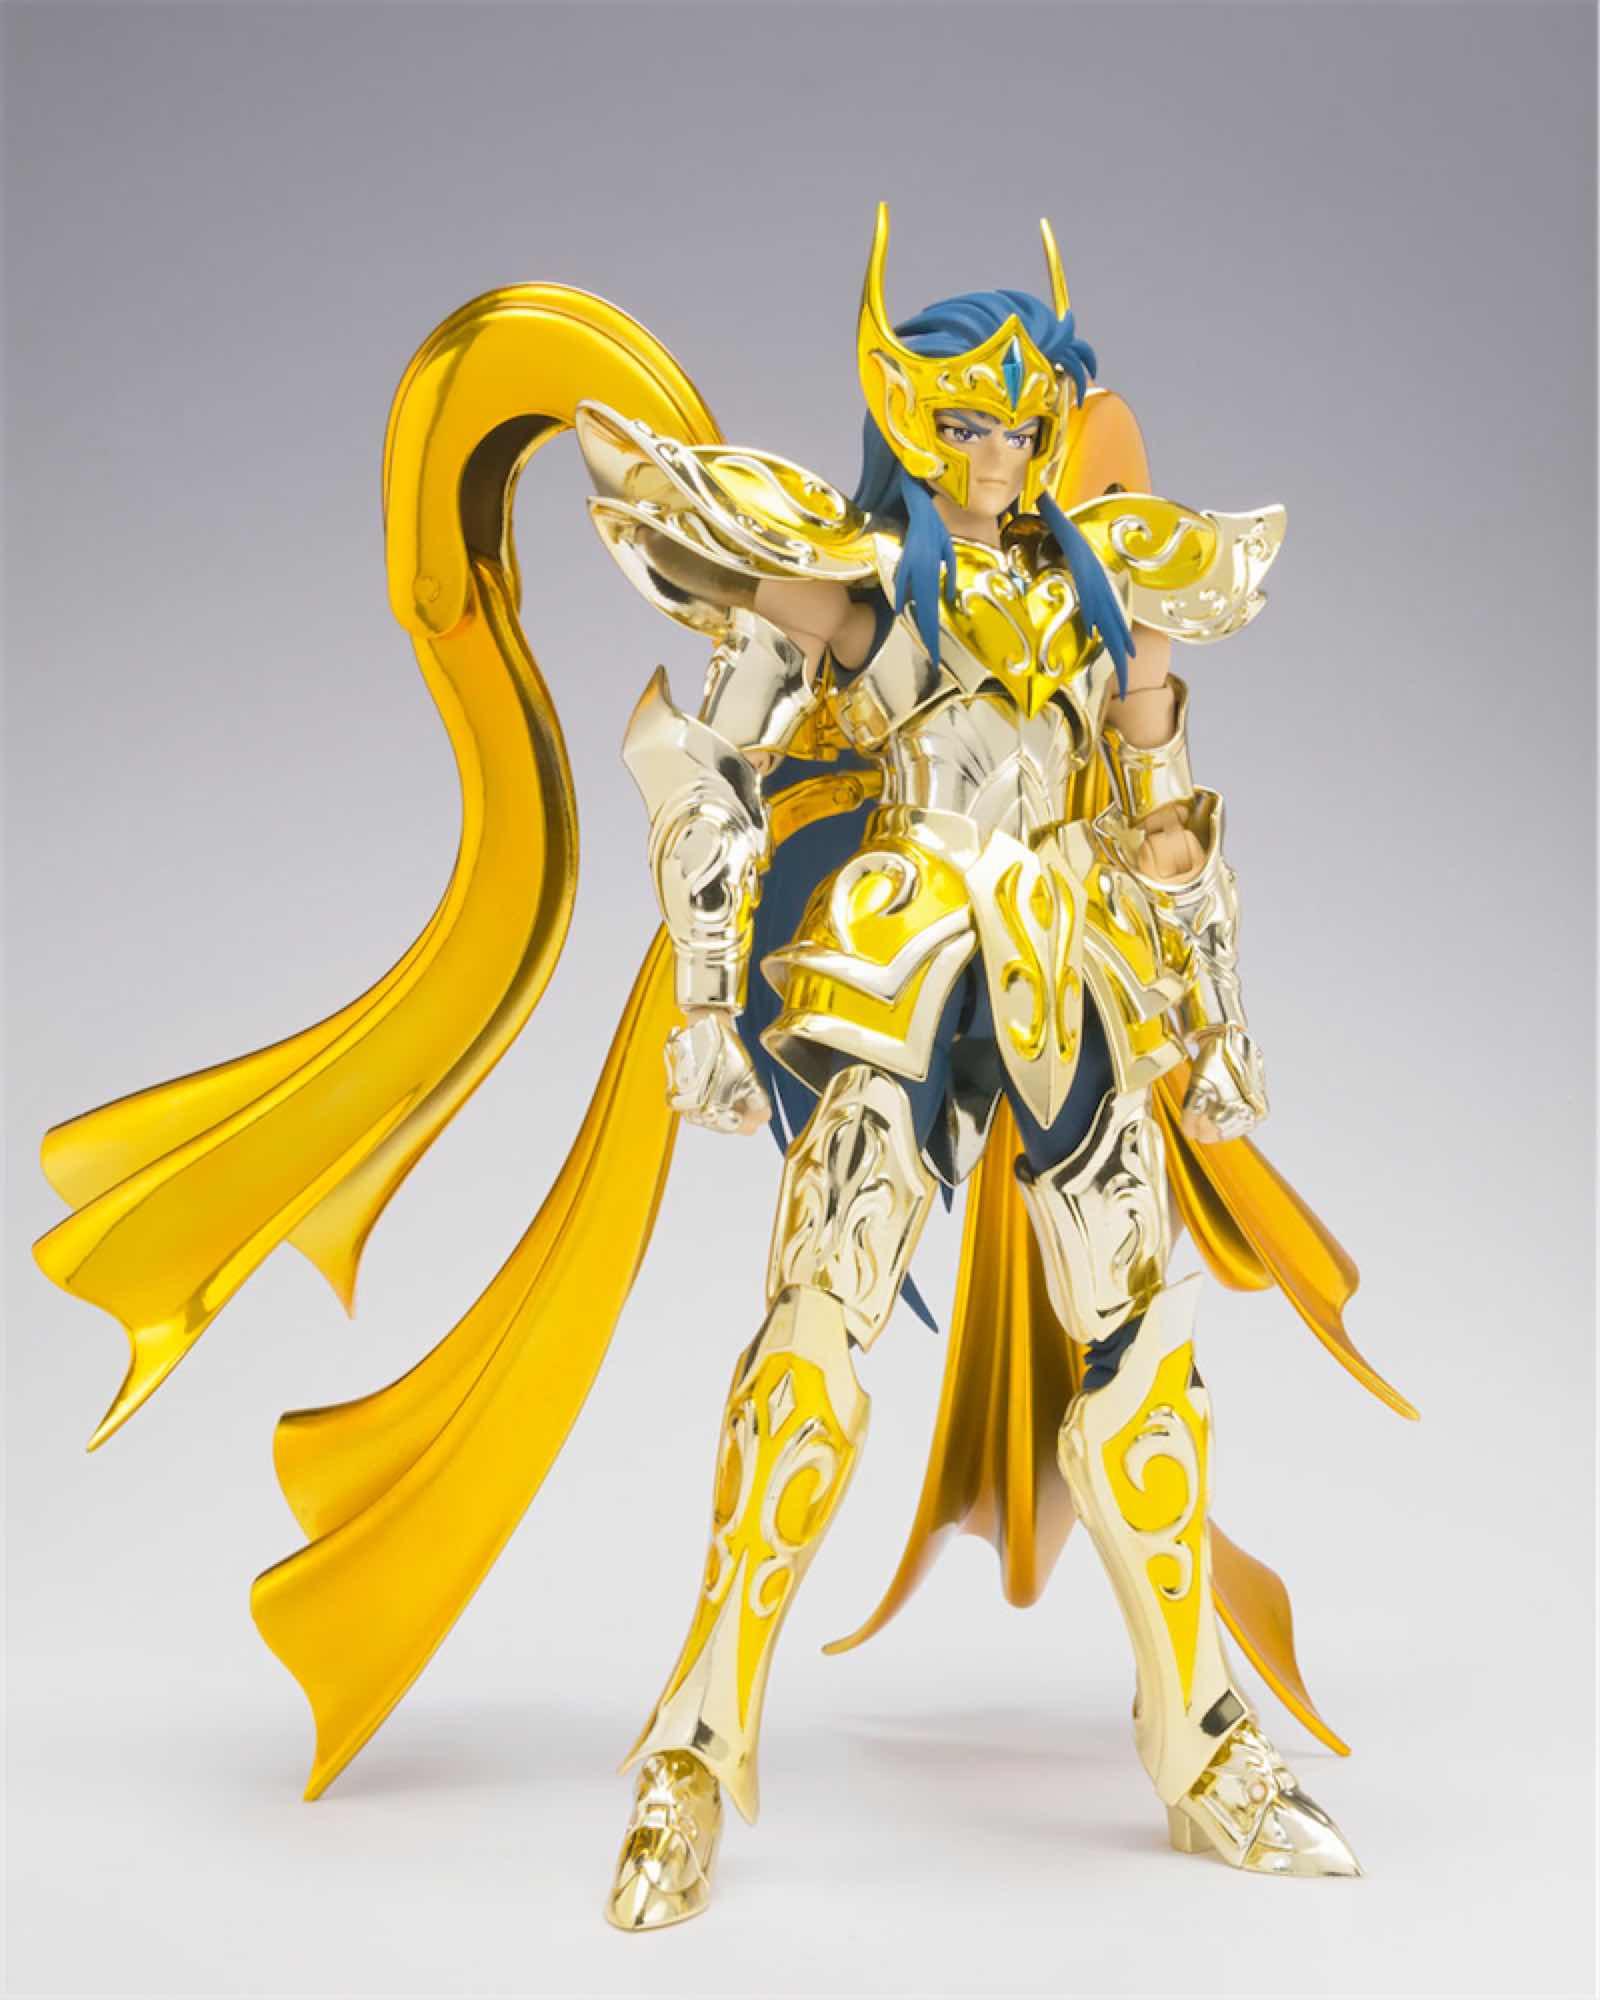 CAMUS ACUARIO NEW CLOTH FIGURA 18 CM SAINT SEIYA MYTH CLOTH EX SOUL OF GOLD